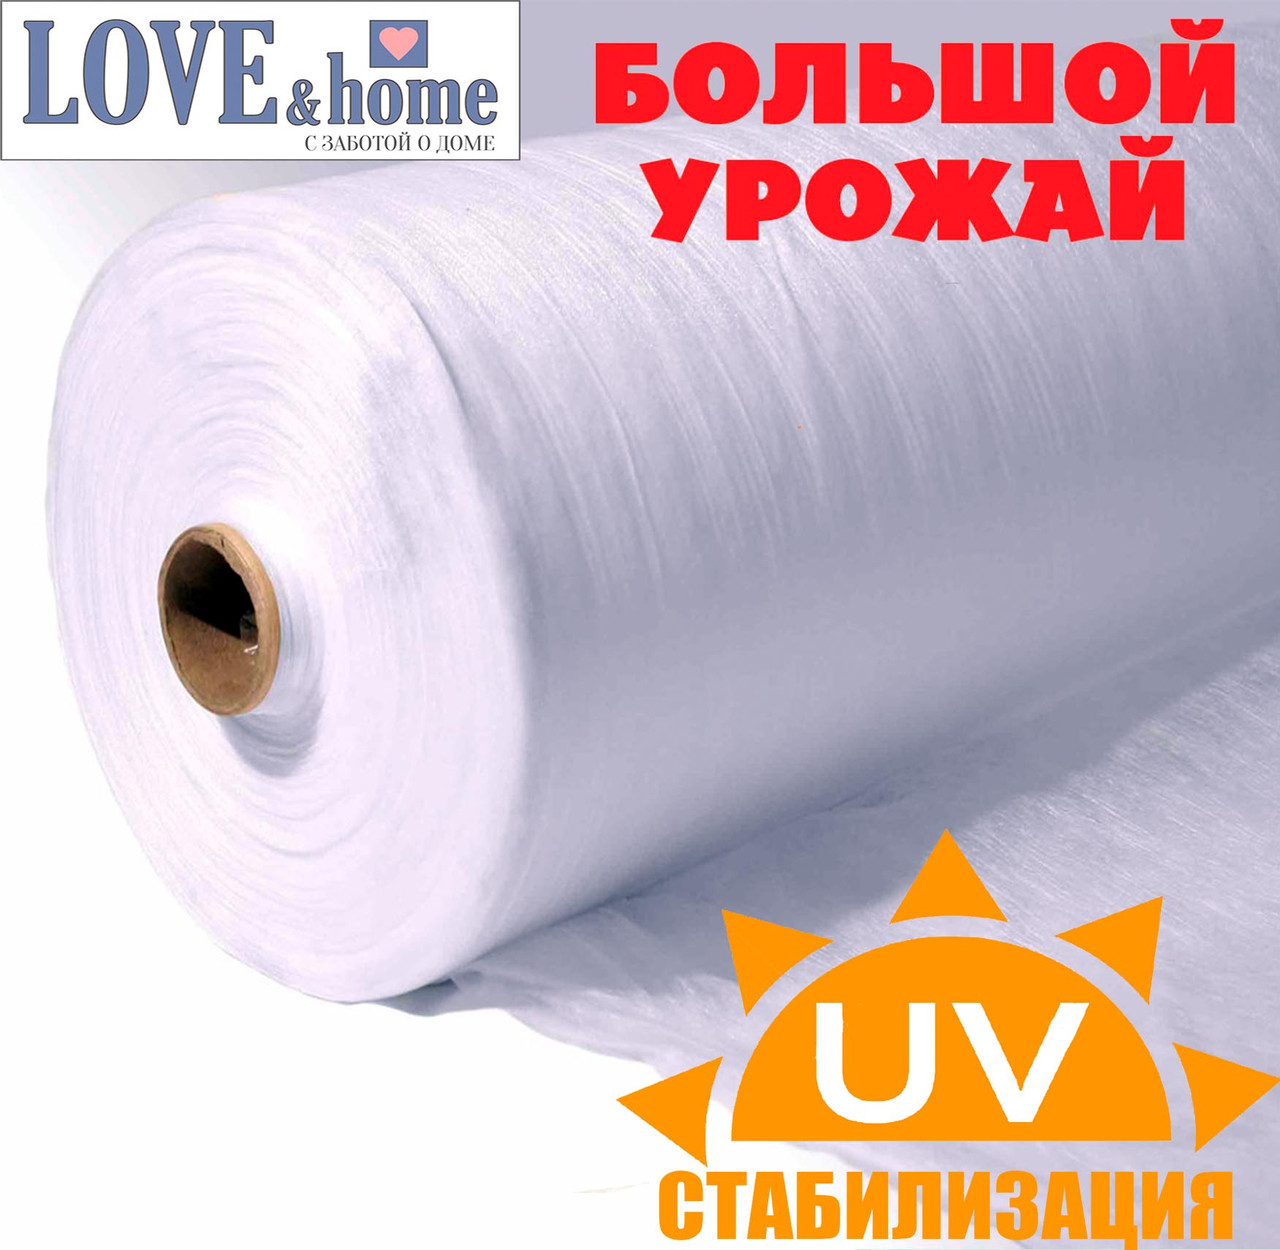 Агроволокно белое, плотность 50г/м². ширина 3.2 м. длинна 100м.